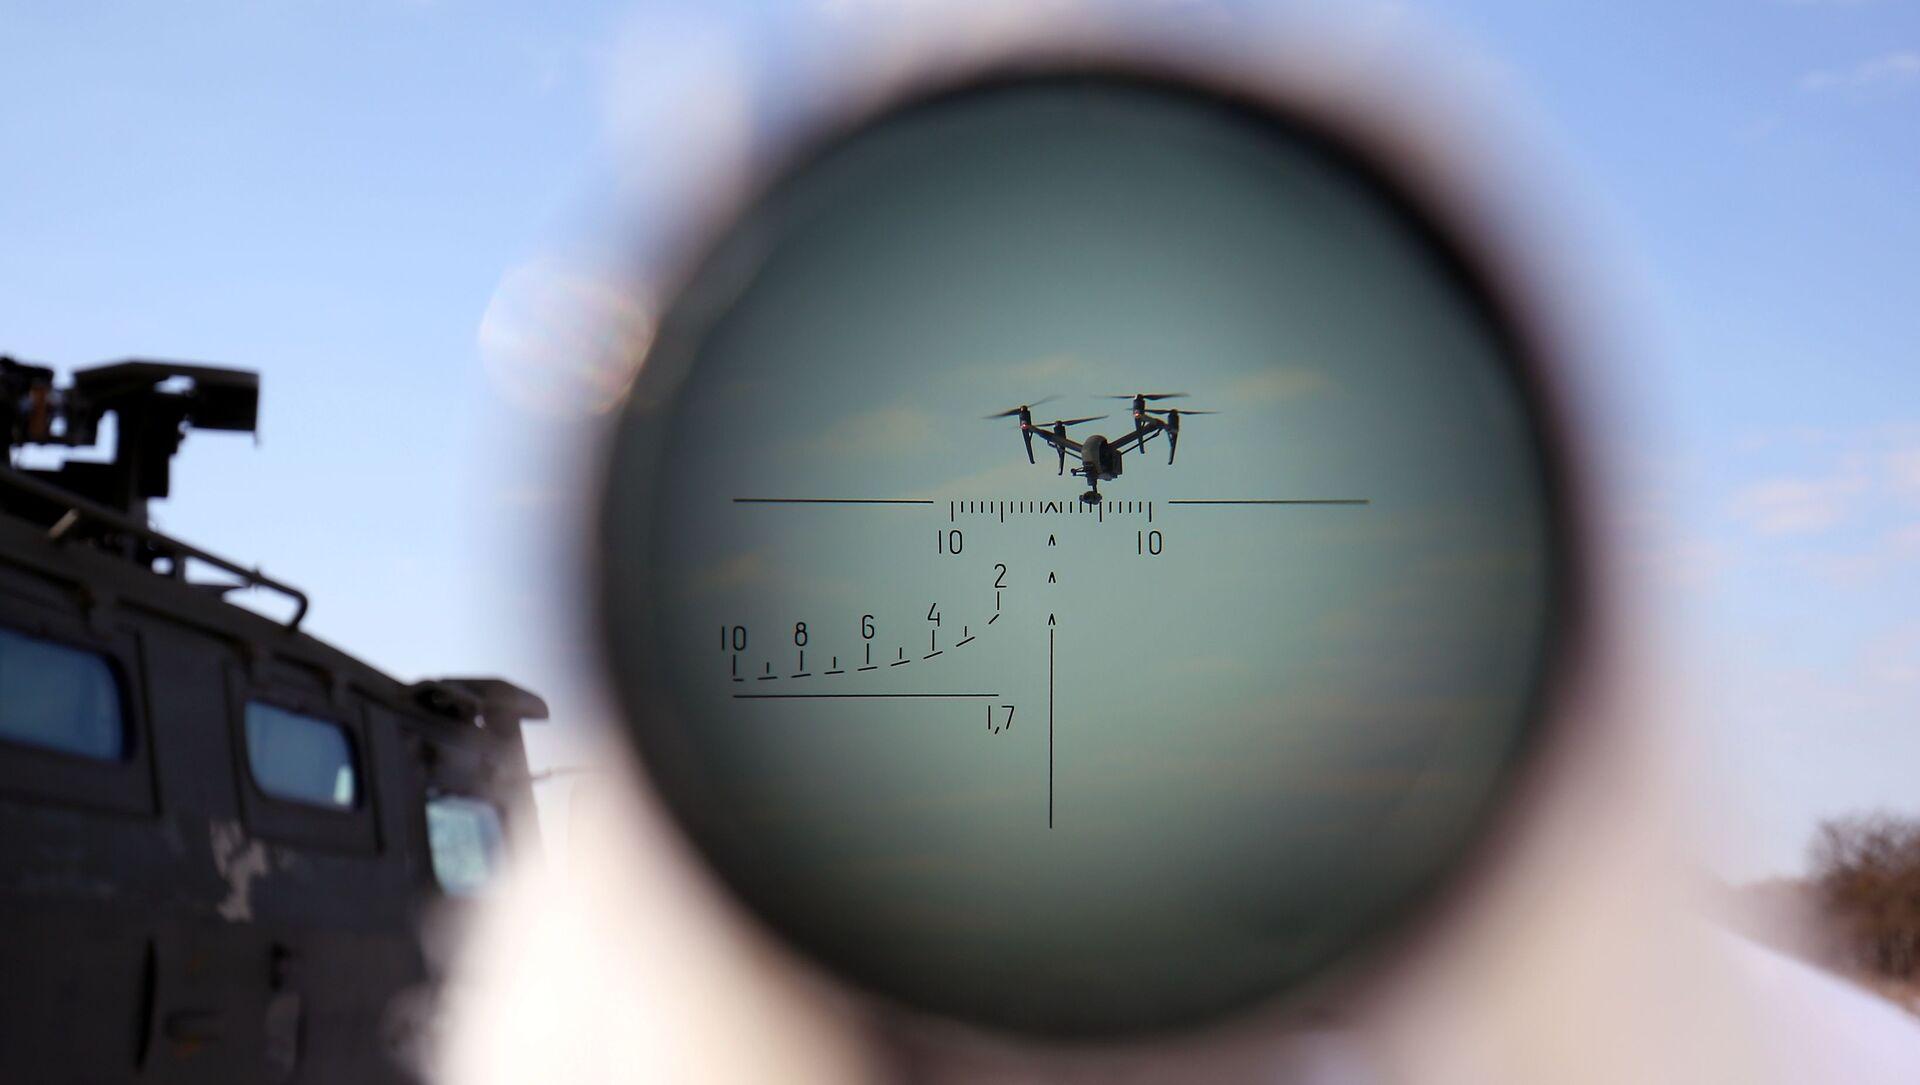 Un drone nell'obiettivo - Sputnik Italia, 1920, 01.02.2021